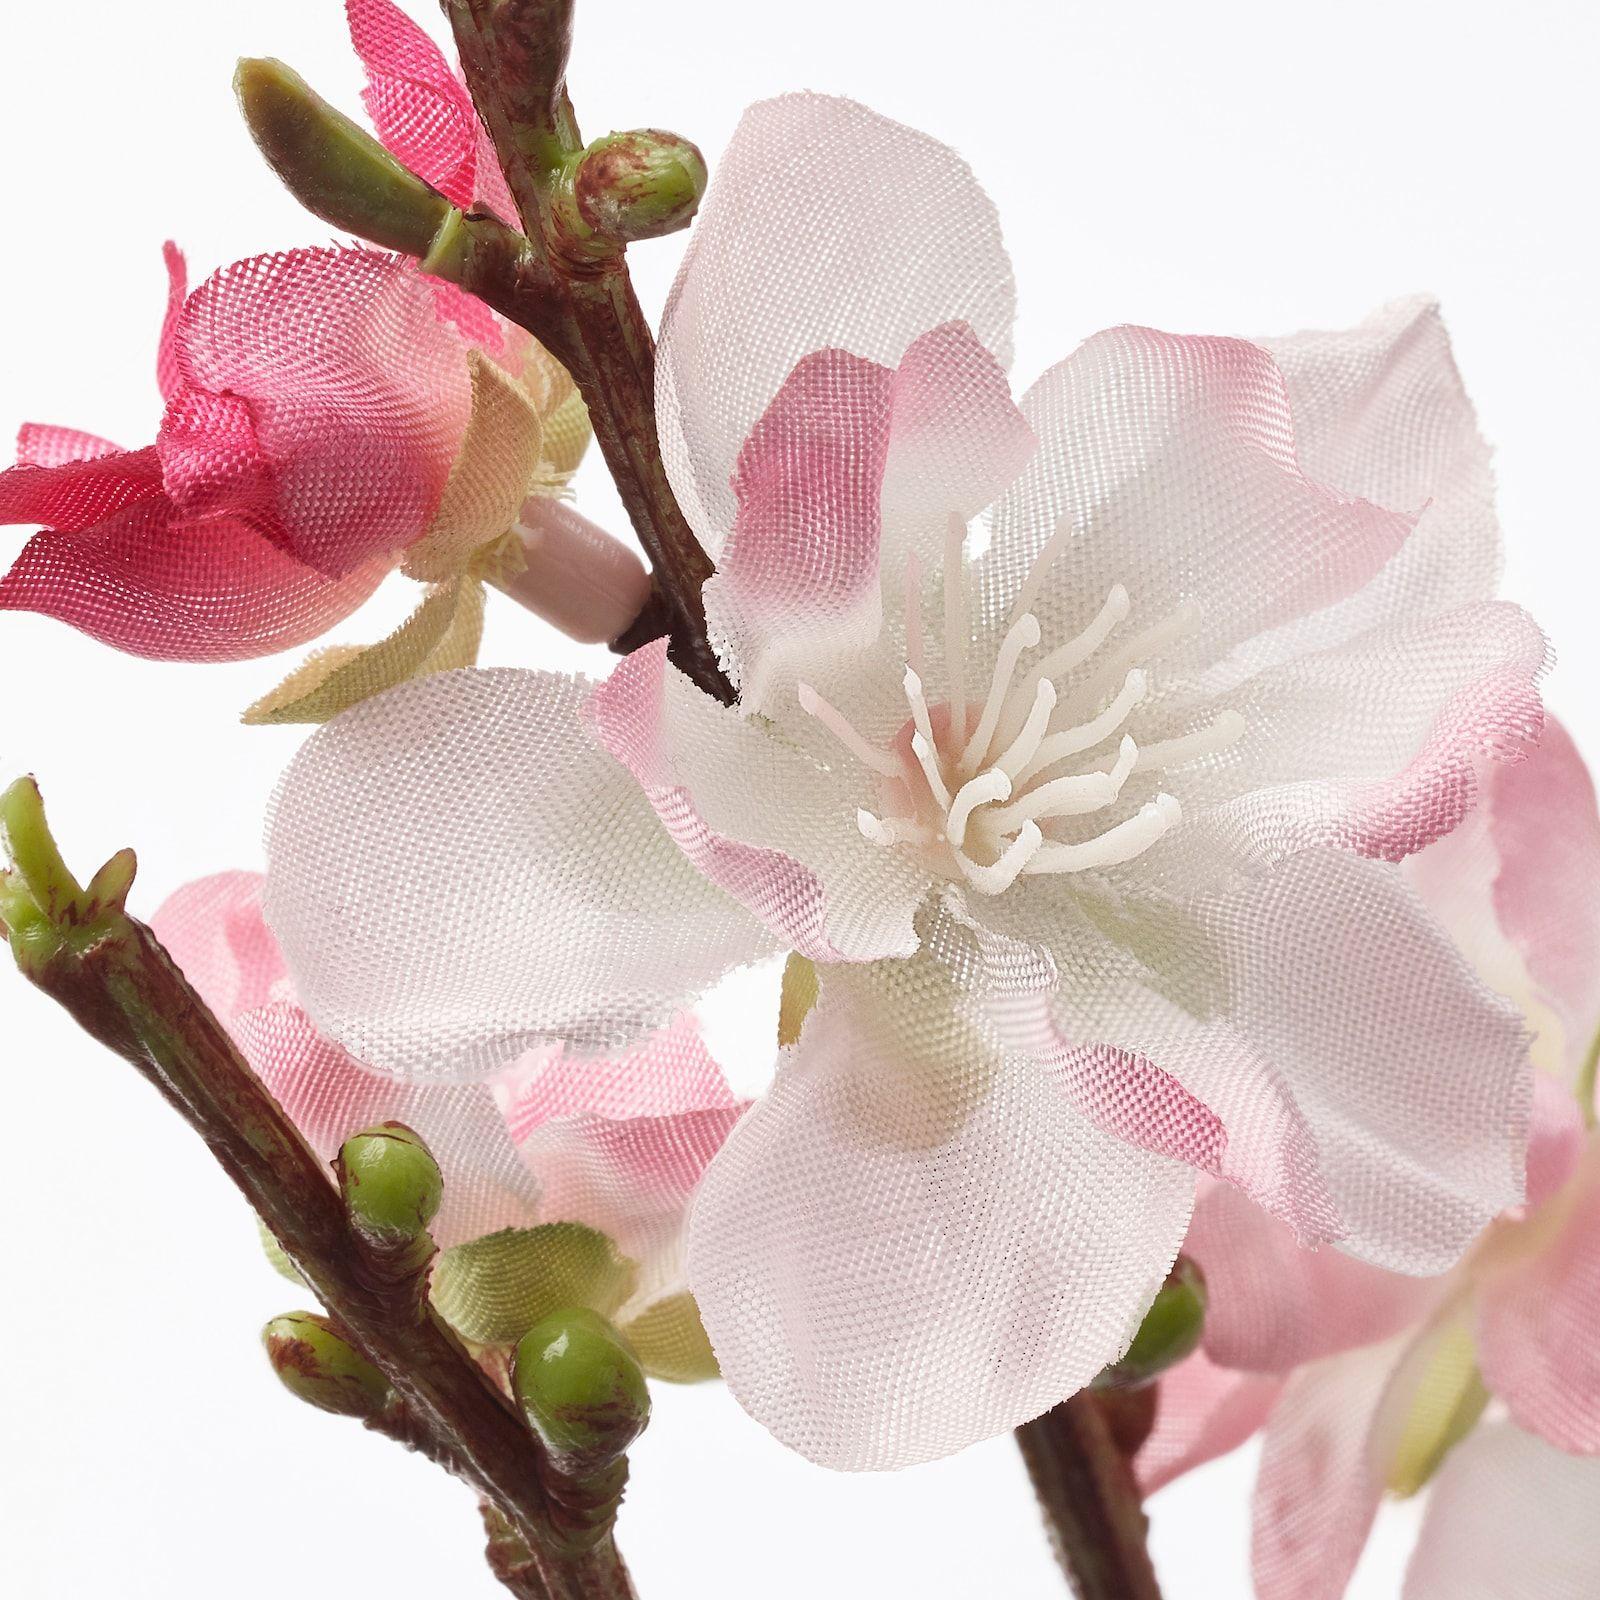 Smycka Artificial Flower Cherry Blossoms Pink Ikea In 2021 Artificial Flowers Ikea Artificial Flowers Cherry Blossom Decor